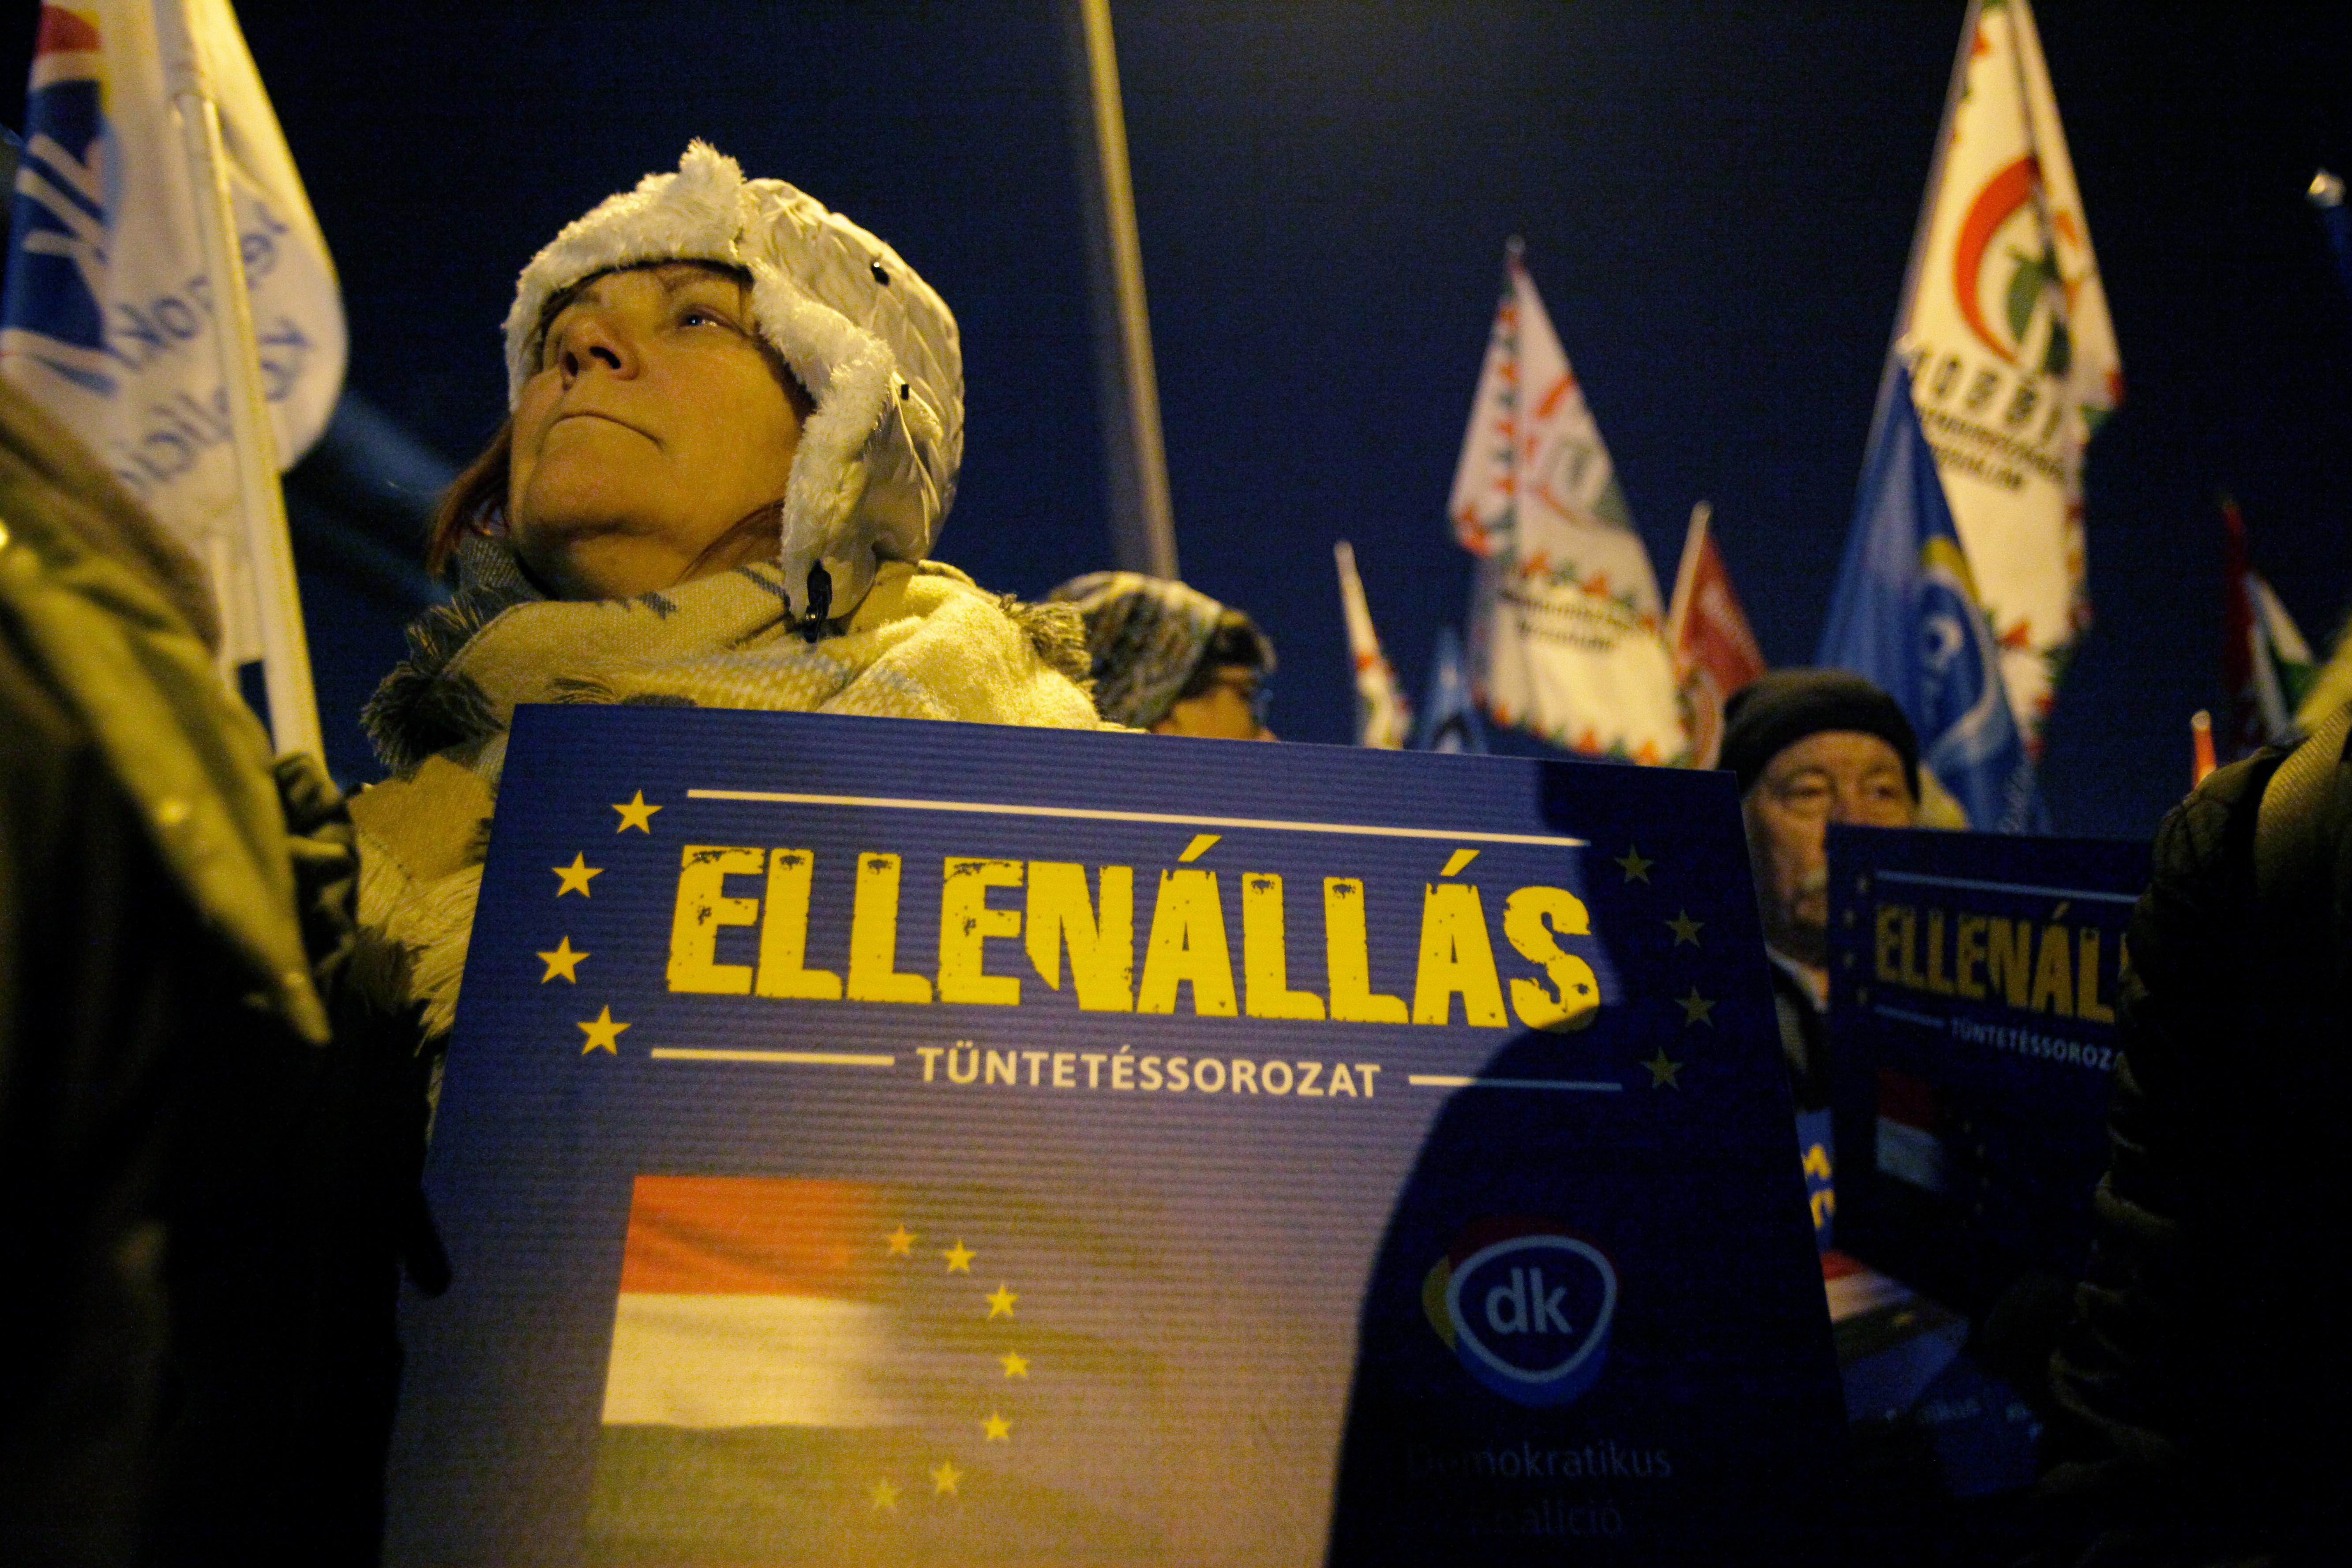 Nem csak Budapesten lesz tüntetés, hanem például itt: Sopron, Szombathely, Zalaegerszeg, Vác, Kecskemét, Orosháza, Miskolc, Debrecen, Nyíregyháza